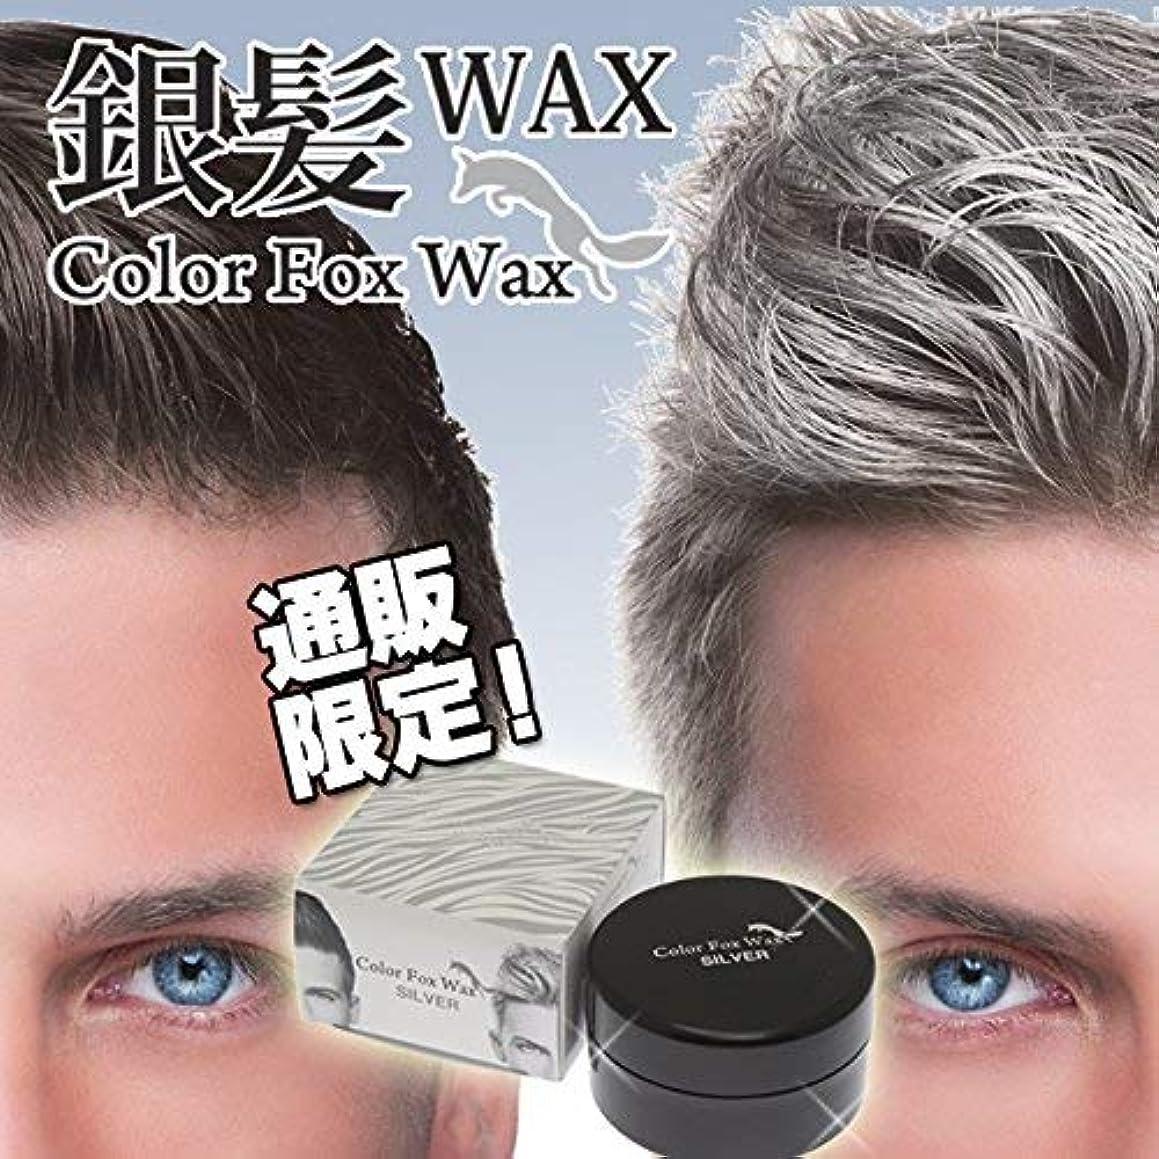 独特の必要条件三角【正規品】1DAY銀髪カラーリング カラーフォックスワックス シルバー120g